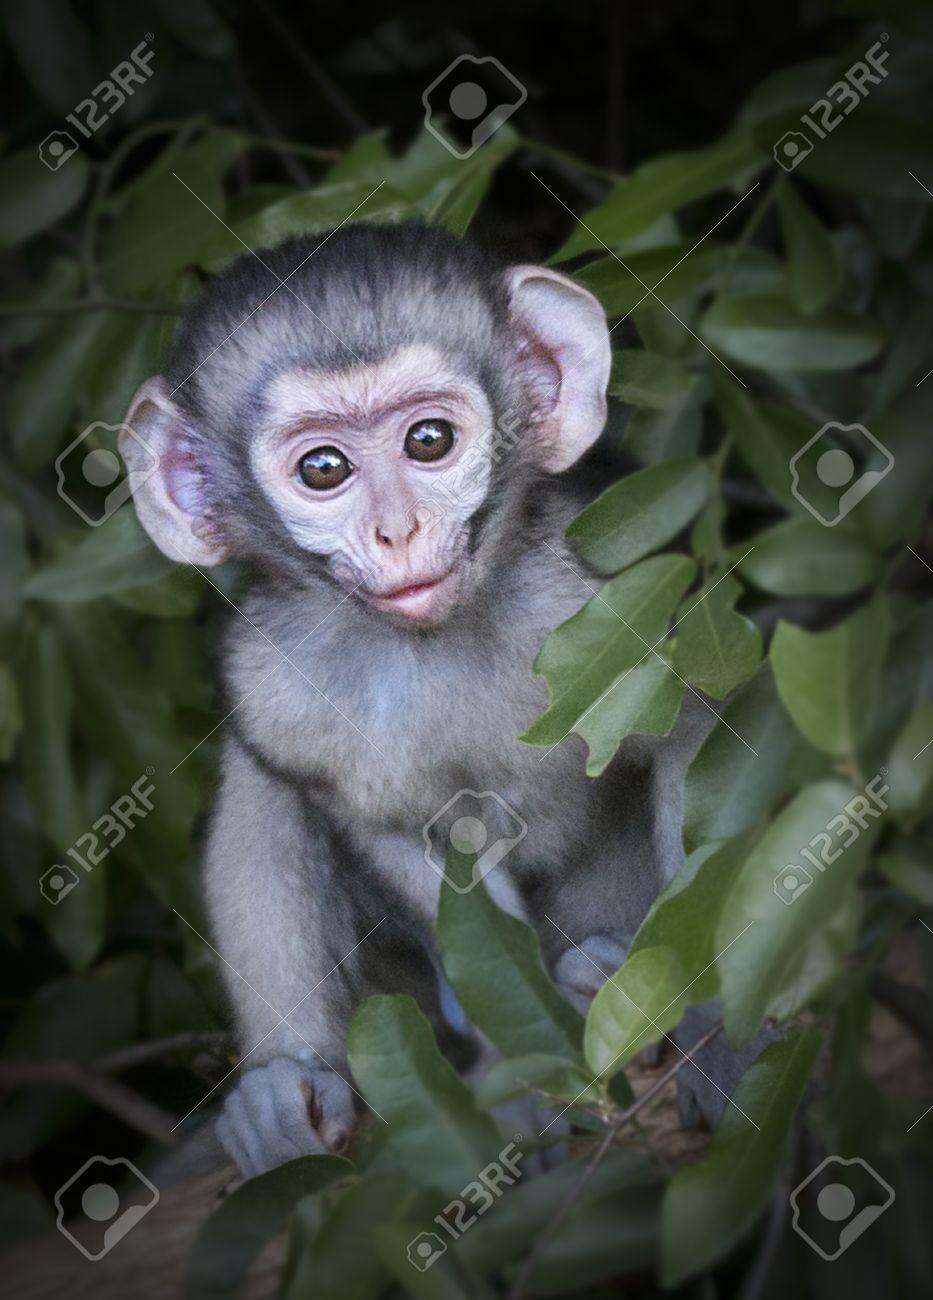 Fotografie Eines Vervet Affe-Baby In Einem Baum Ein Foto Von Einem ...